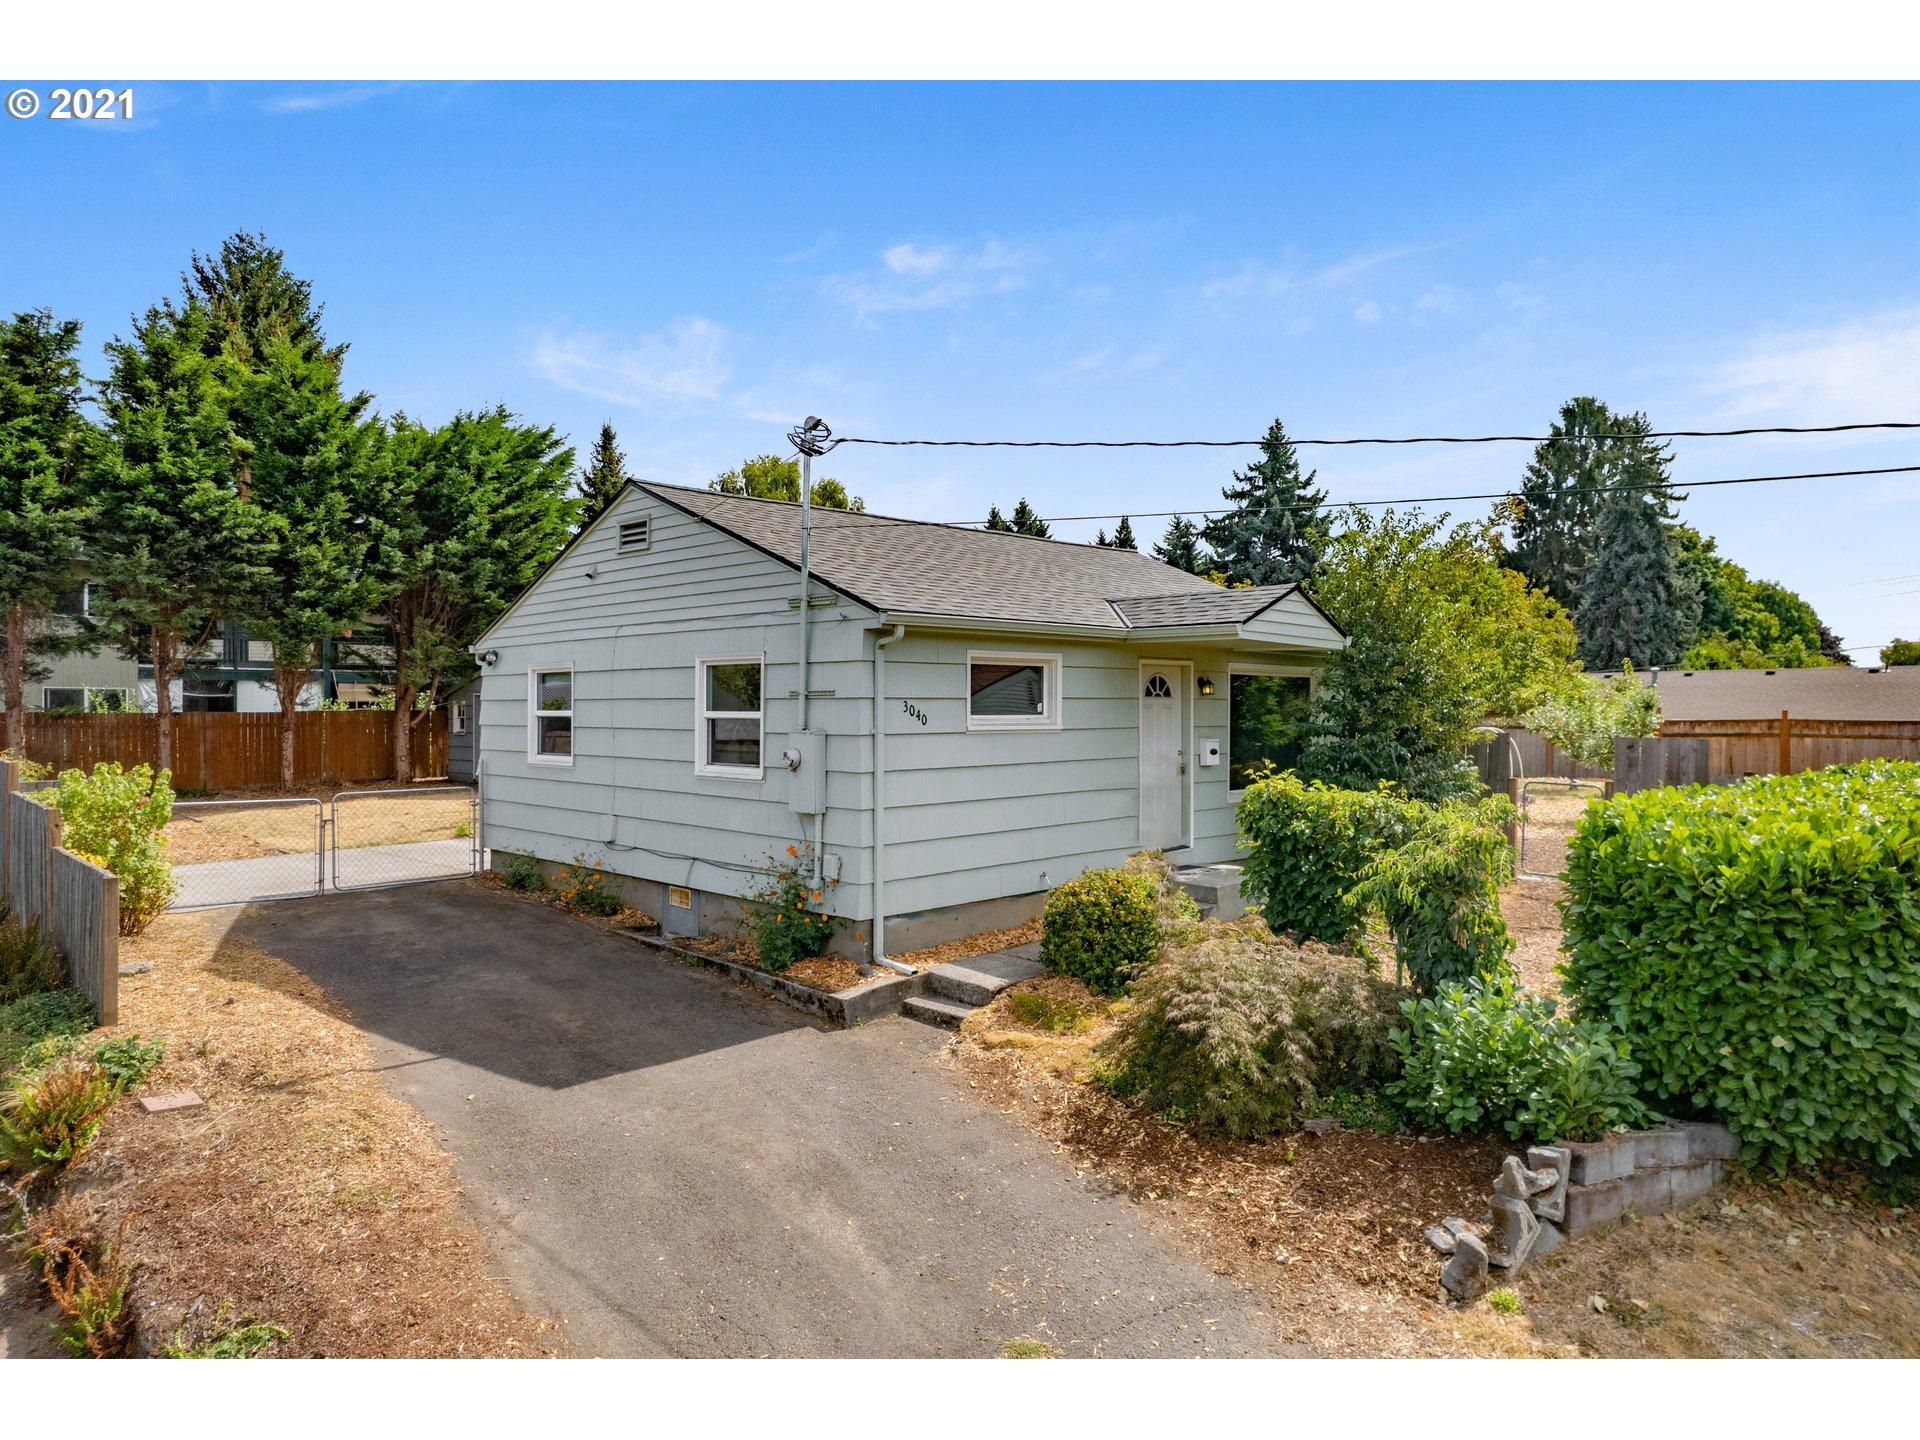 3040 NE 103RD PL, Portland OR 97220